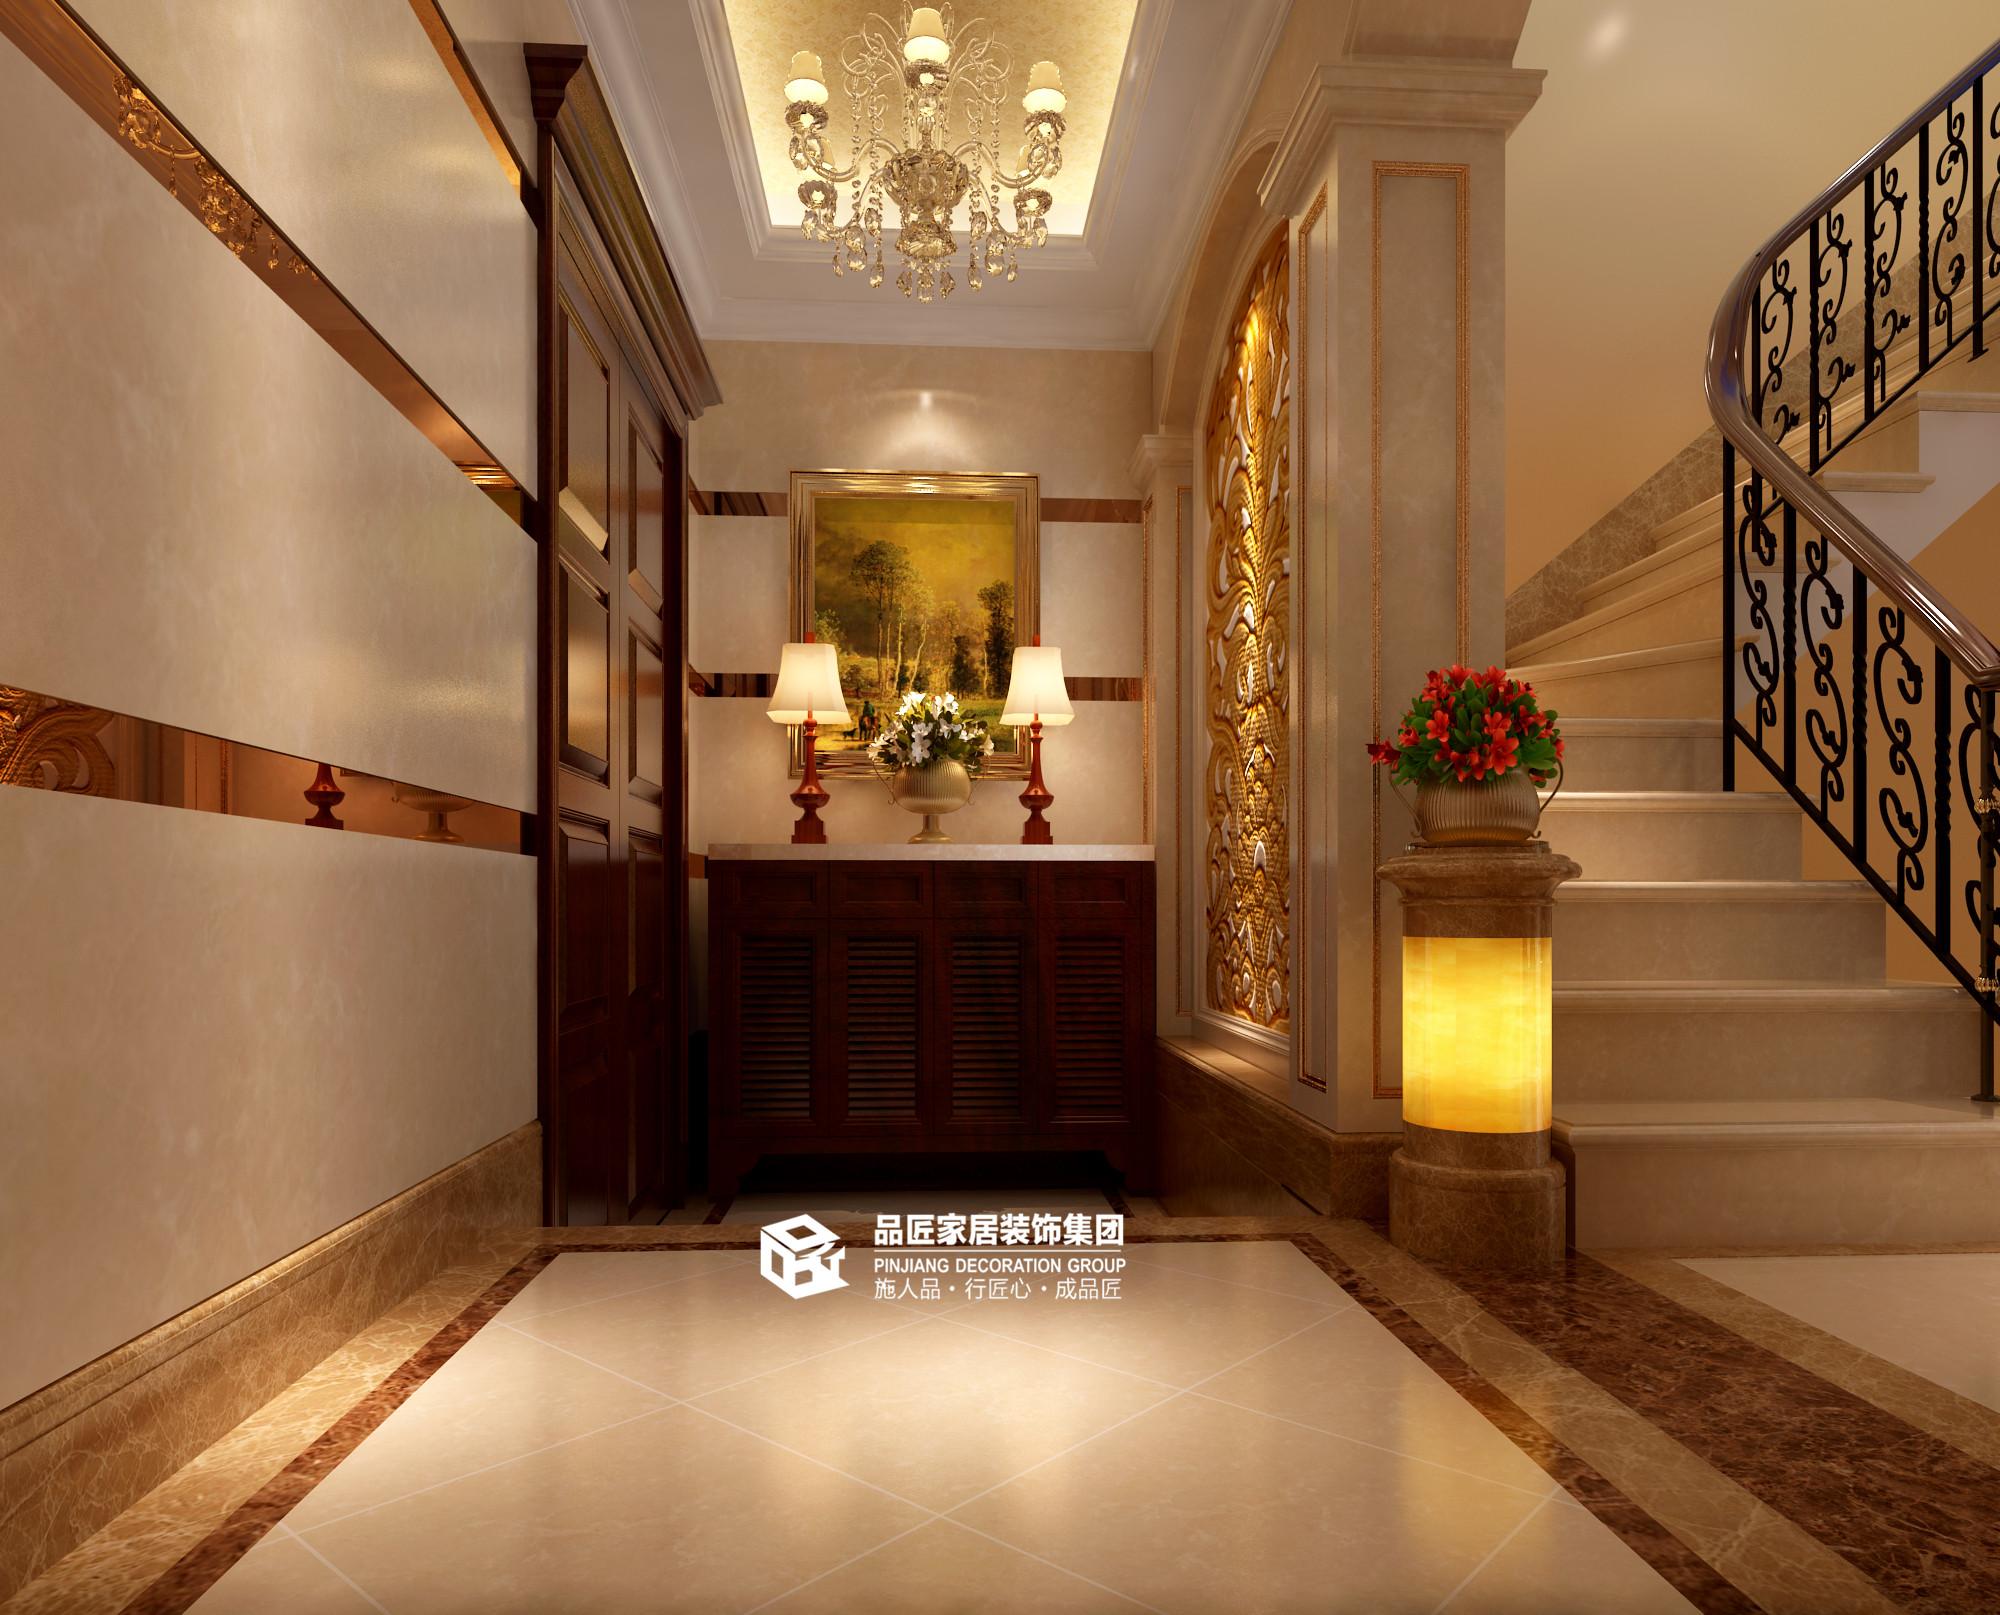 装修价格 欧式风格装 品匠装饰 凤岭世家 楼梯图片来自广西品匠装饰集团在凤岭世家简欧风格装修案例。的分享